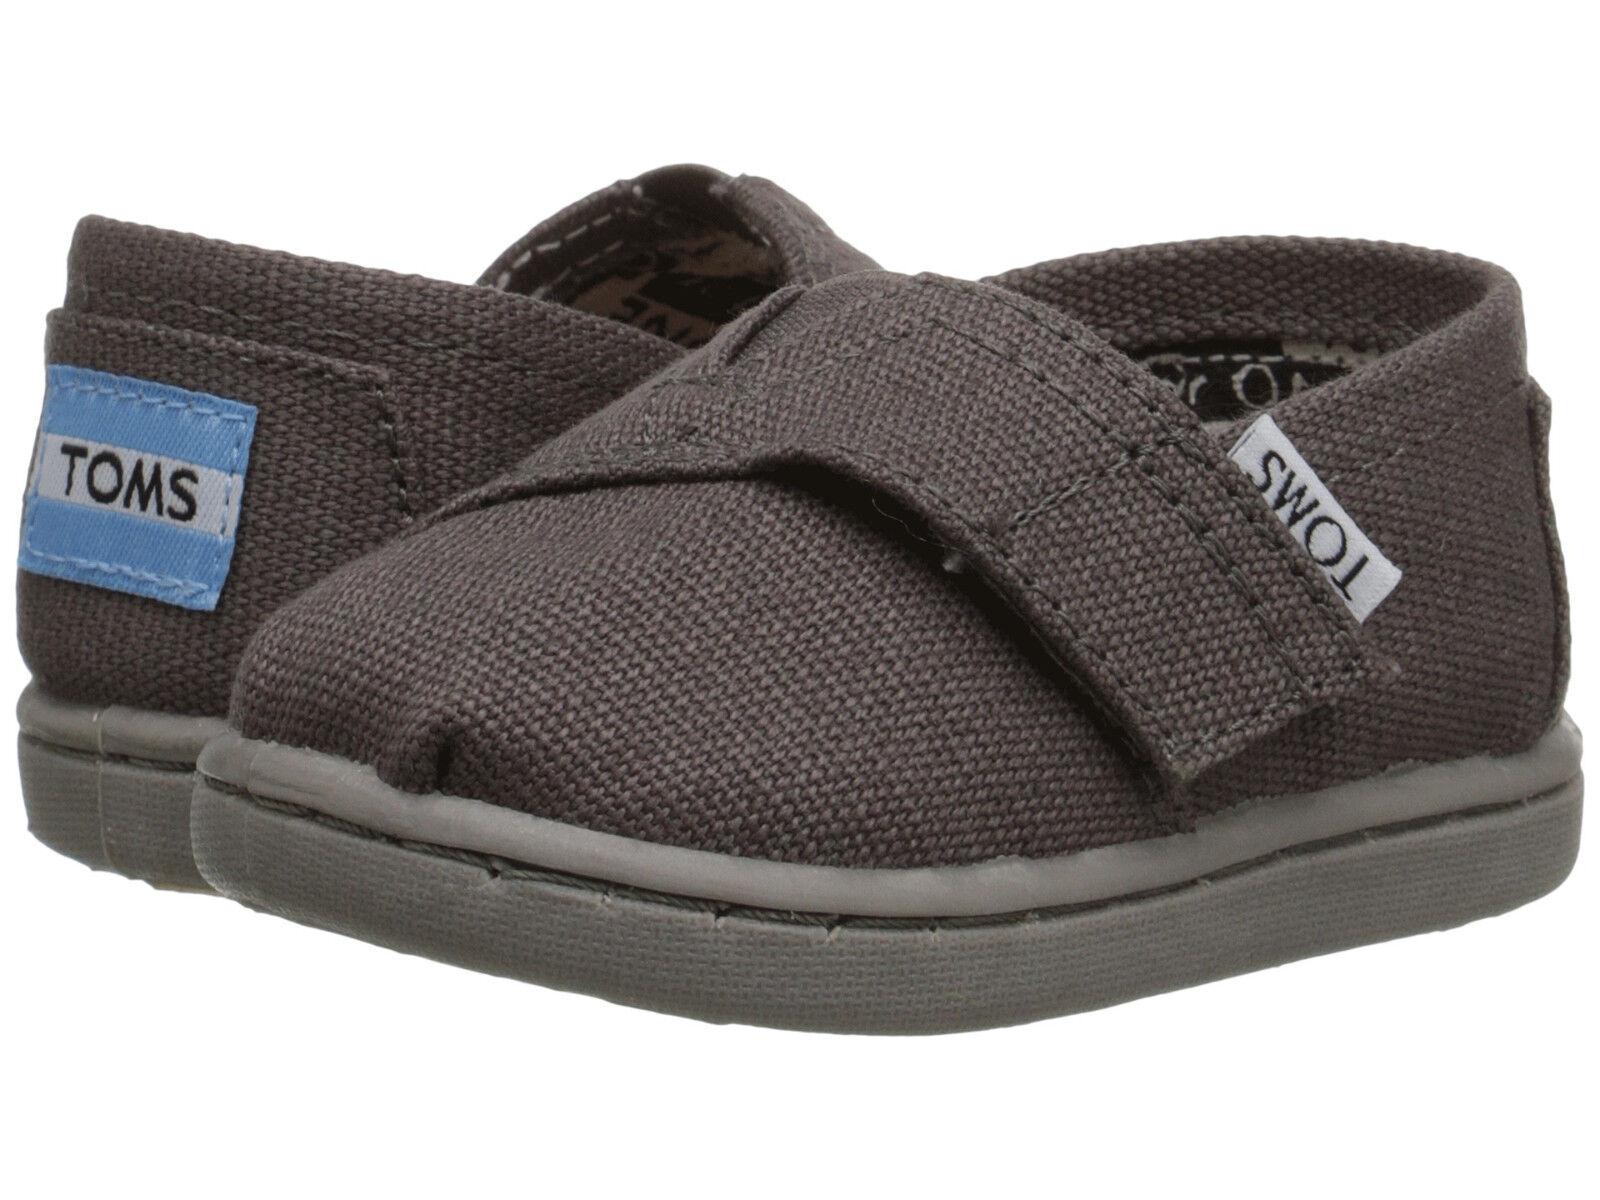 Toms d13ash Tiny Classic Canvas Velcro Shoes Ash Gray Infant